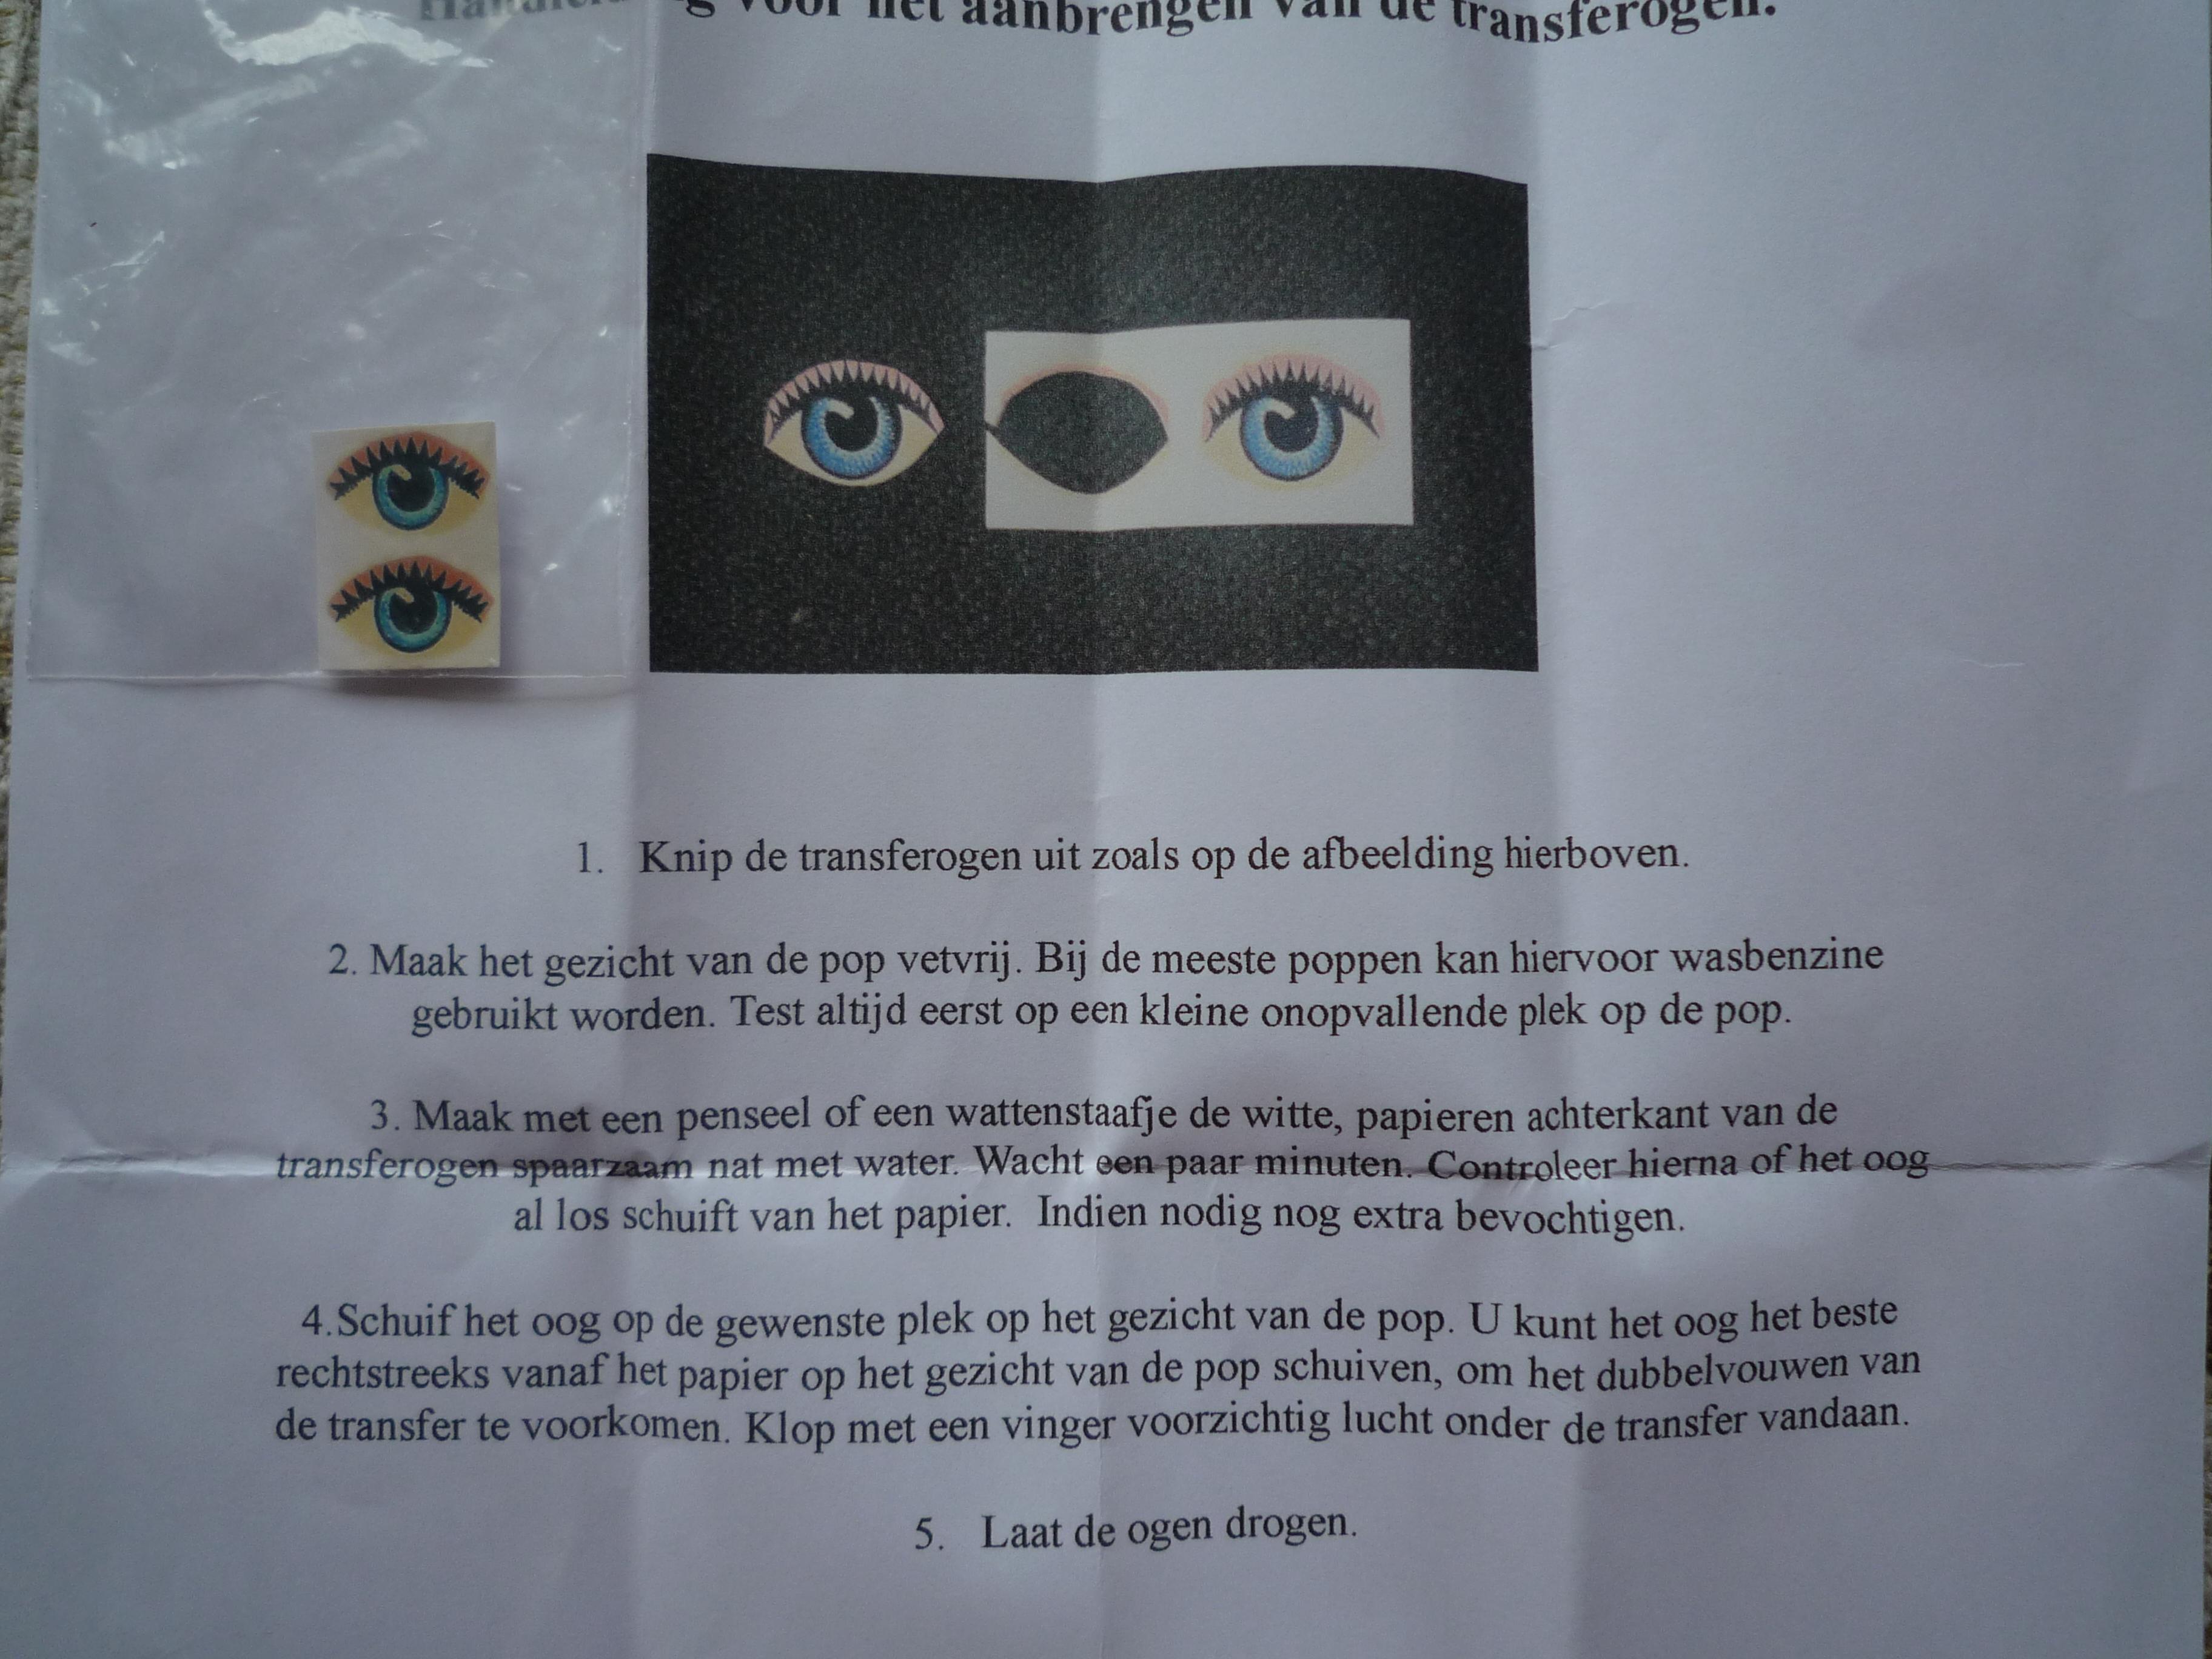 https://welkepopisdat.nl/afbeeldingen-Forum/DurvinaFotos/Bregje%20(13).JPG